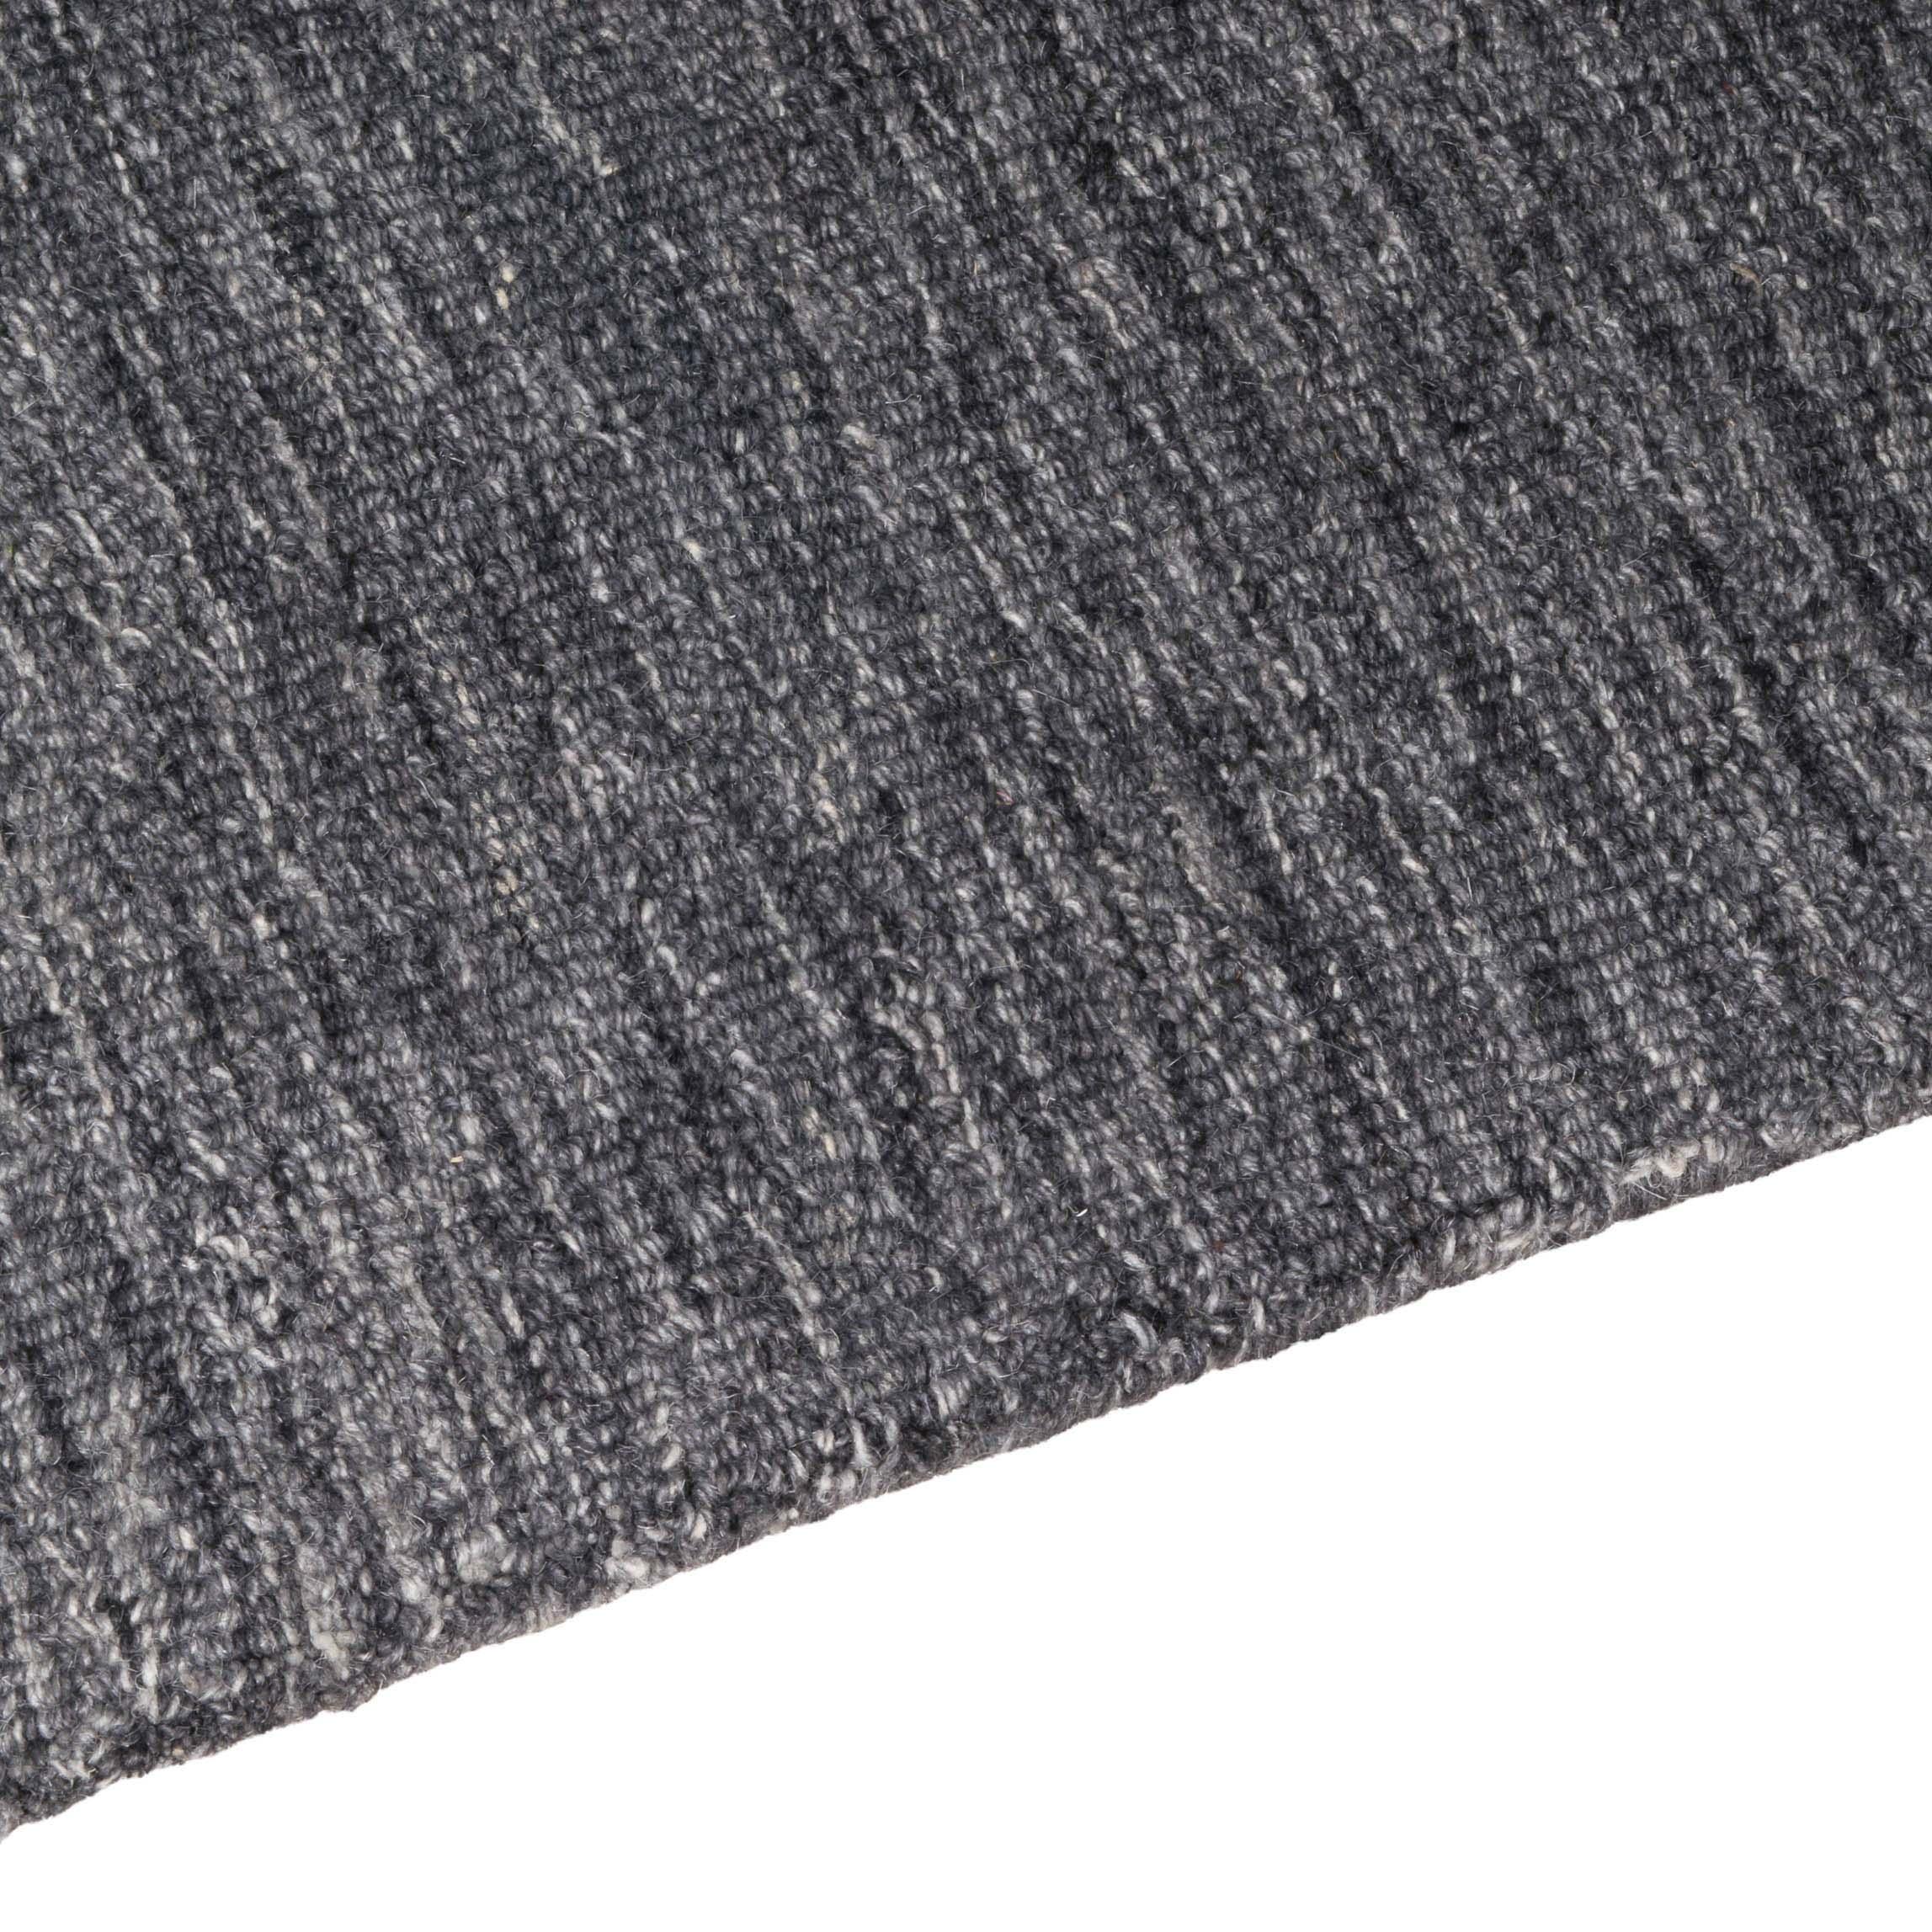 MARLC1_Marled_Coal_160x230-edge